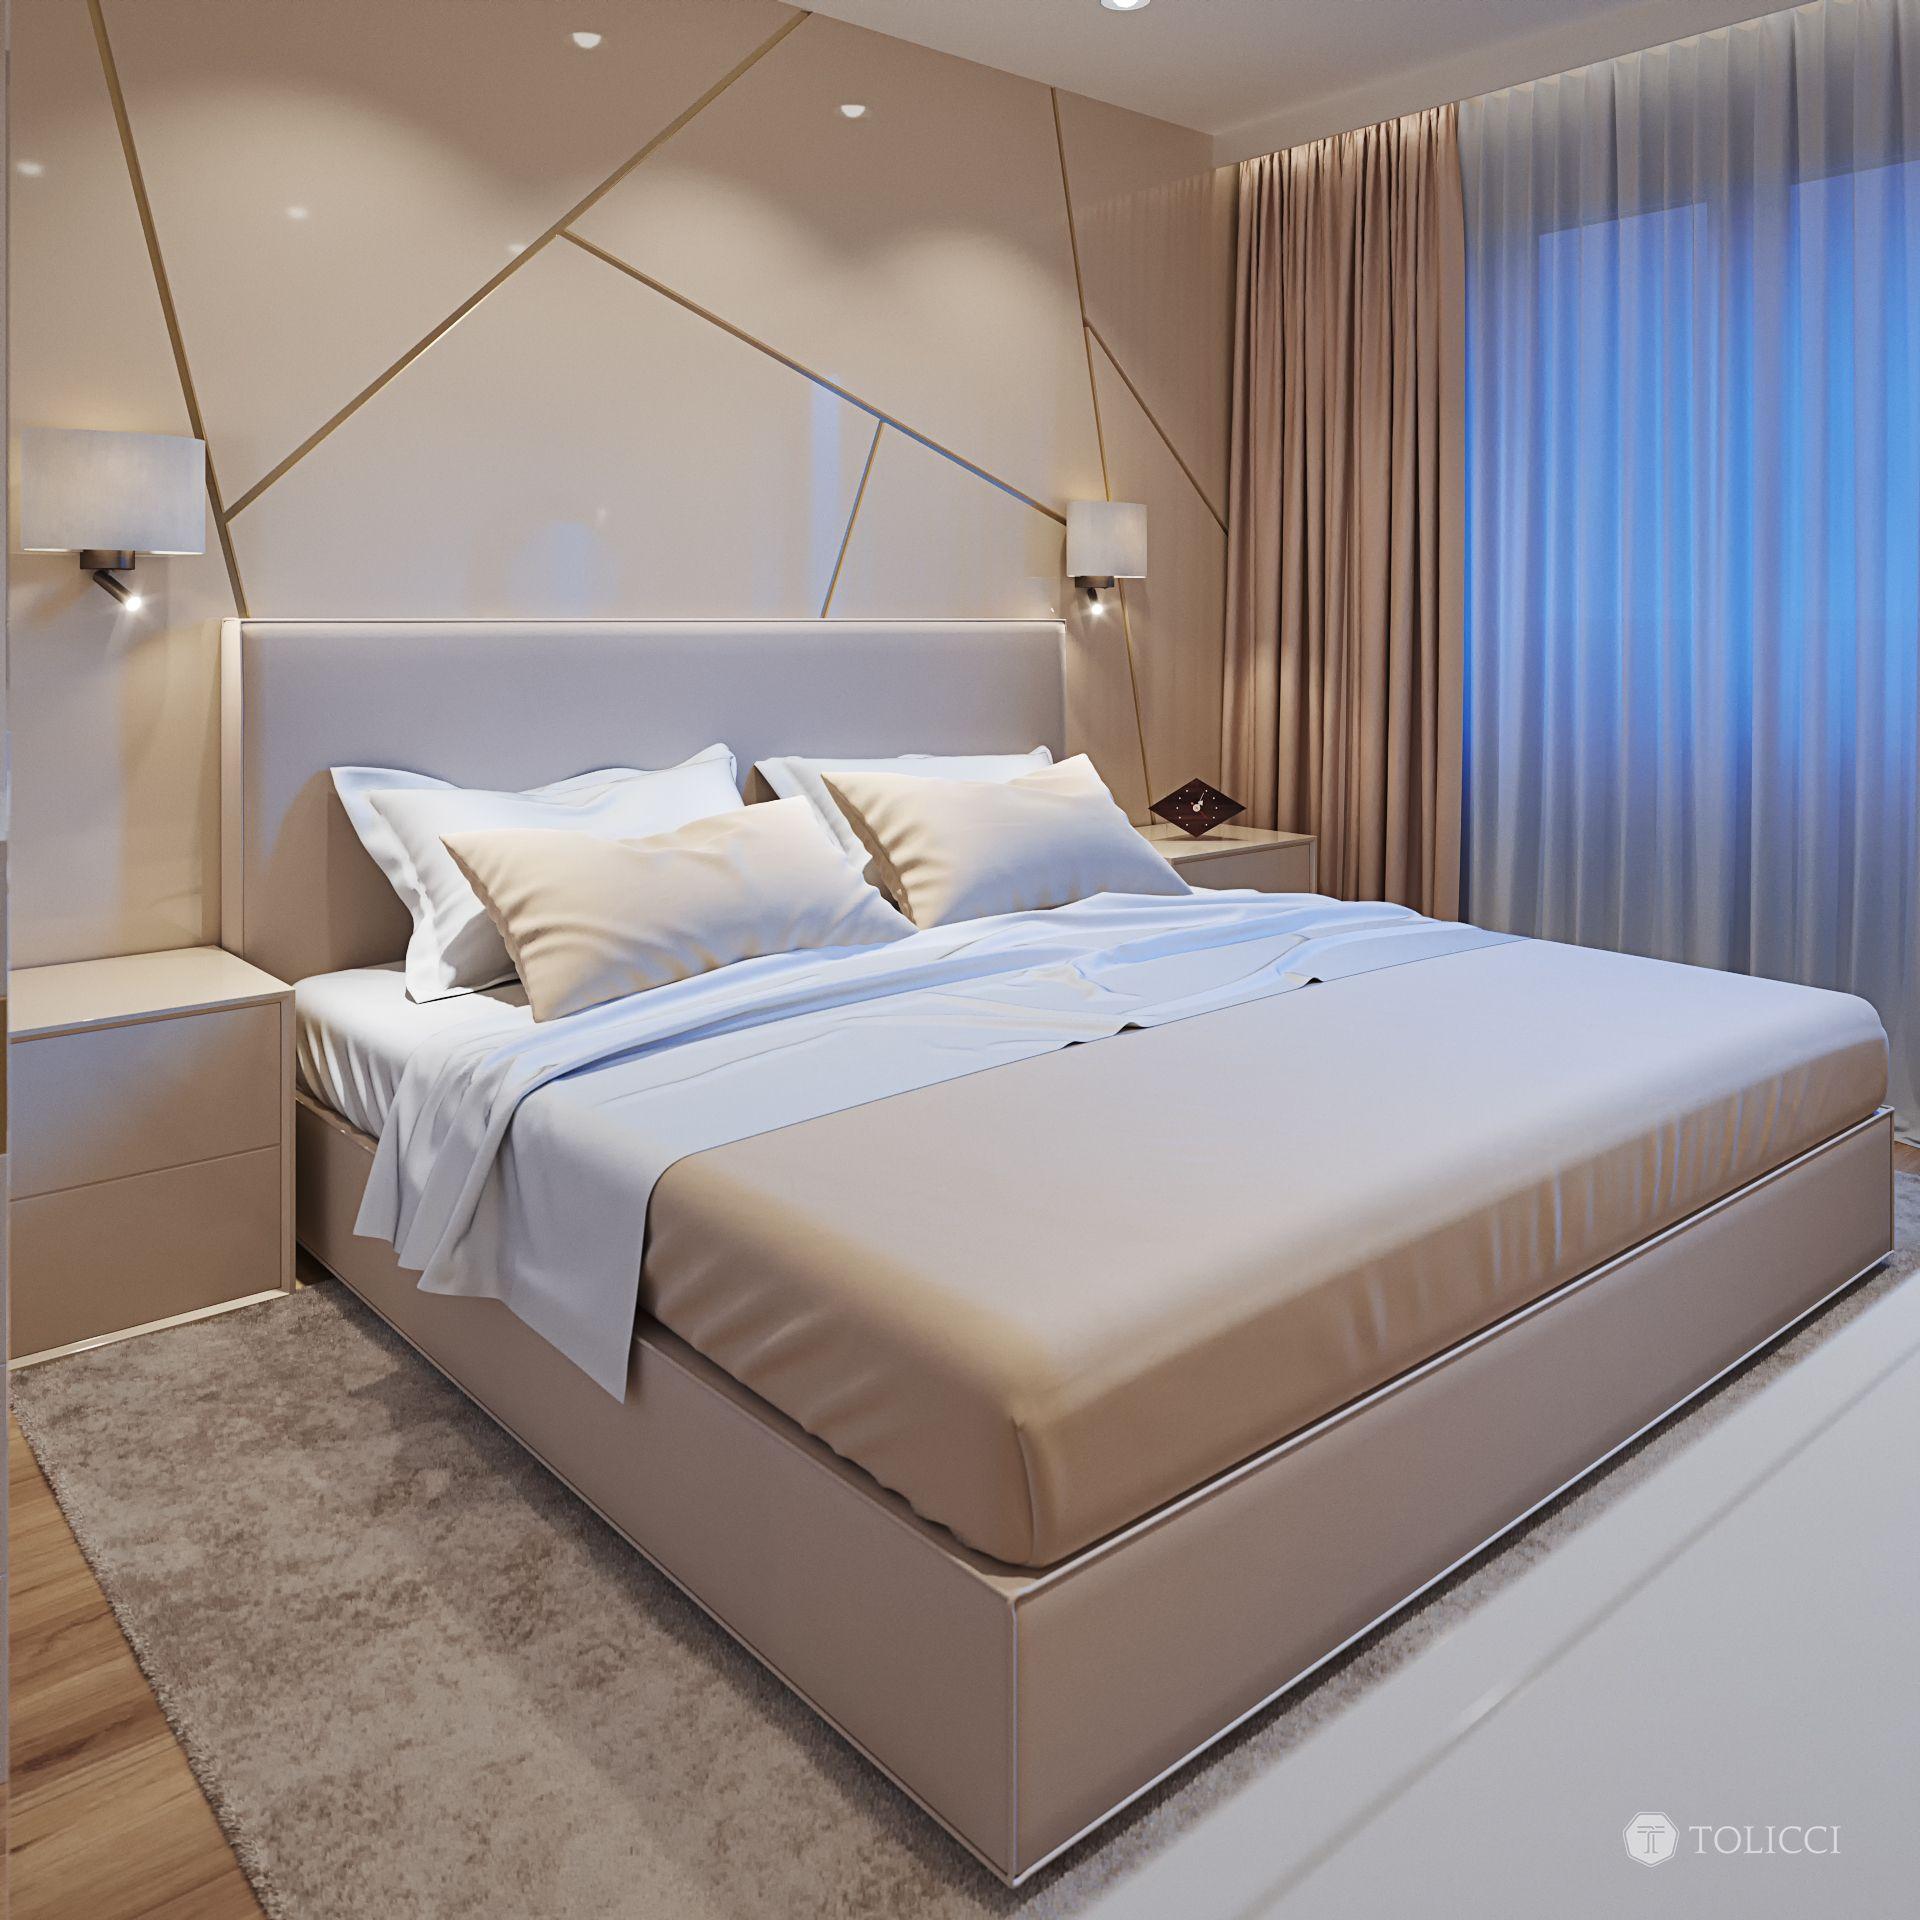 Best Tolicci Luxury Bedroom Italian Design Interior Design 640 x 480